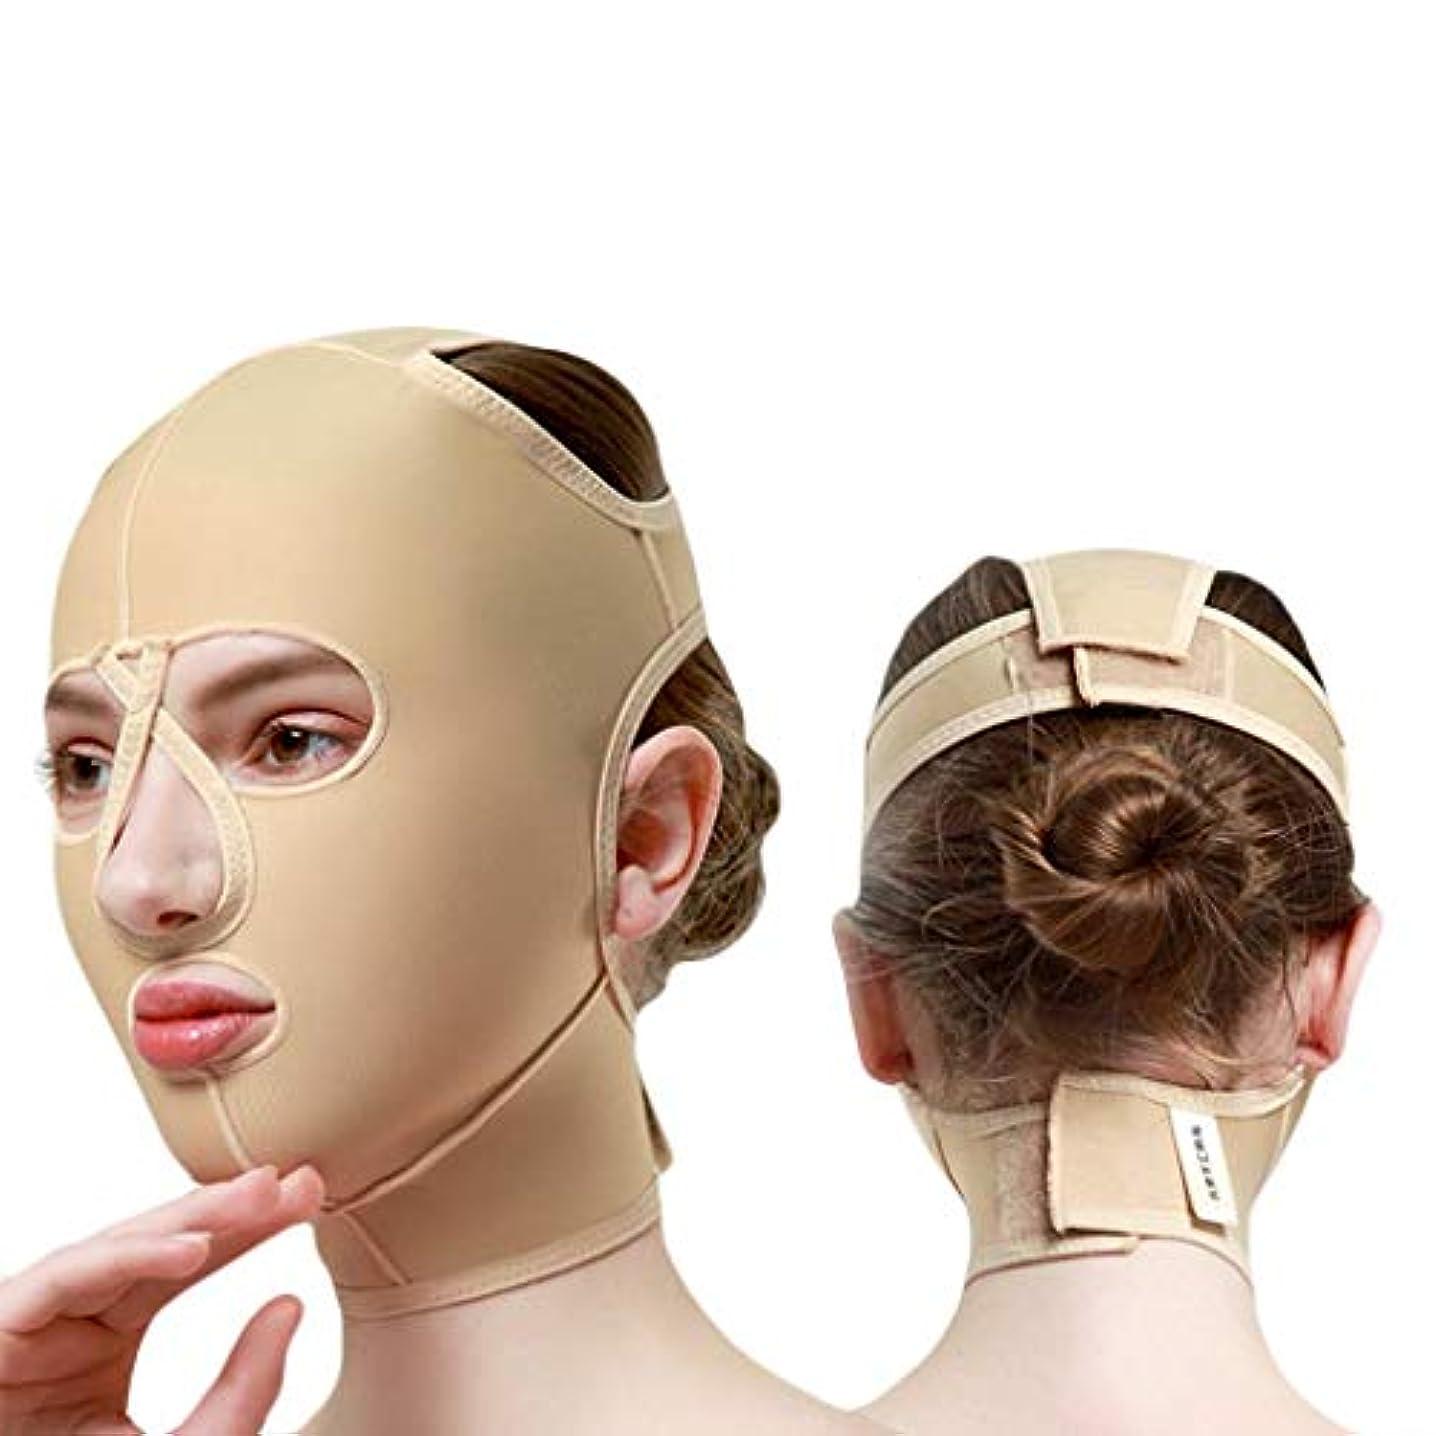 羨望疑わしいベンチチンストラップ、顔彫りツール、リフティングマスク、ダブルチンリデューサー、フェイスリフティングエラスティックマスクメス(サイズ:M),XXL